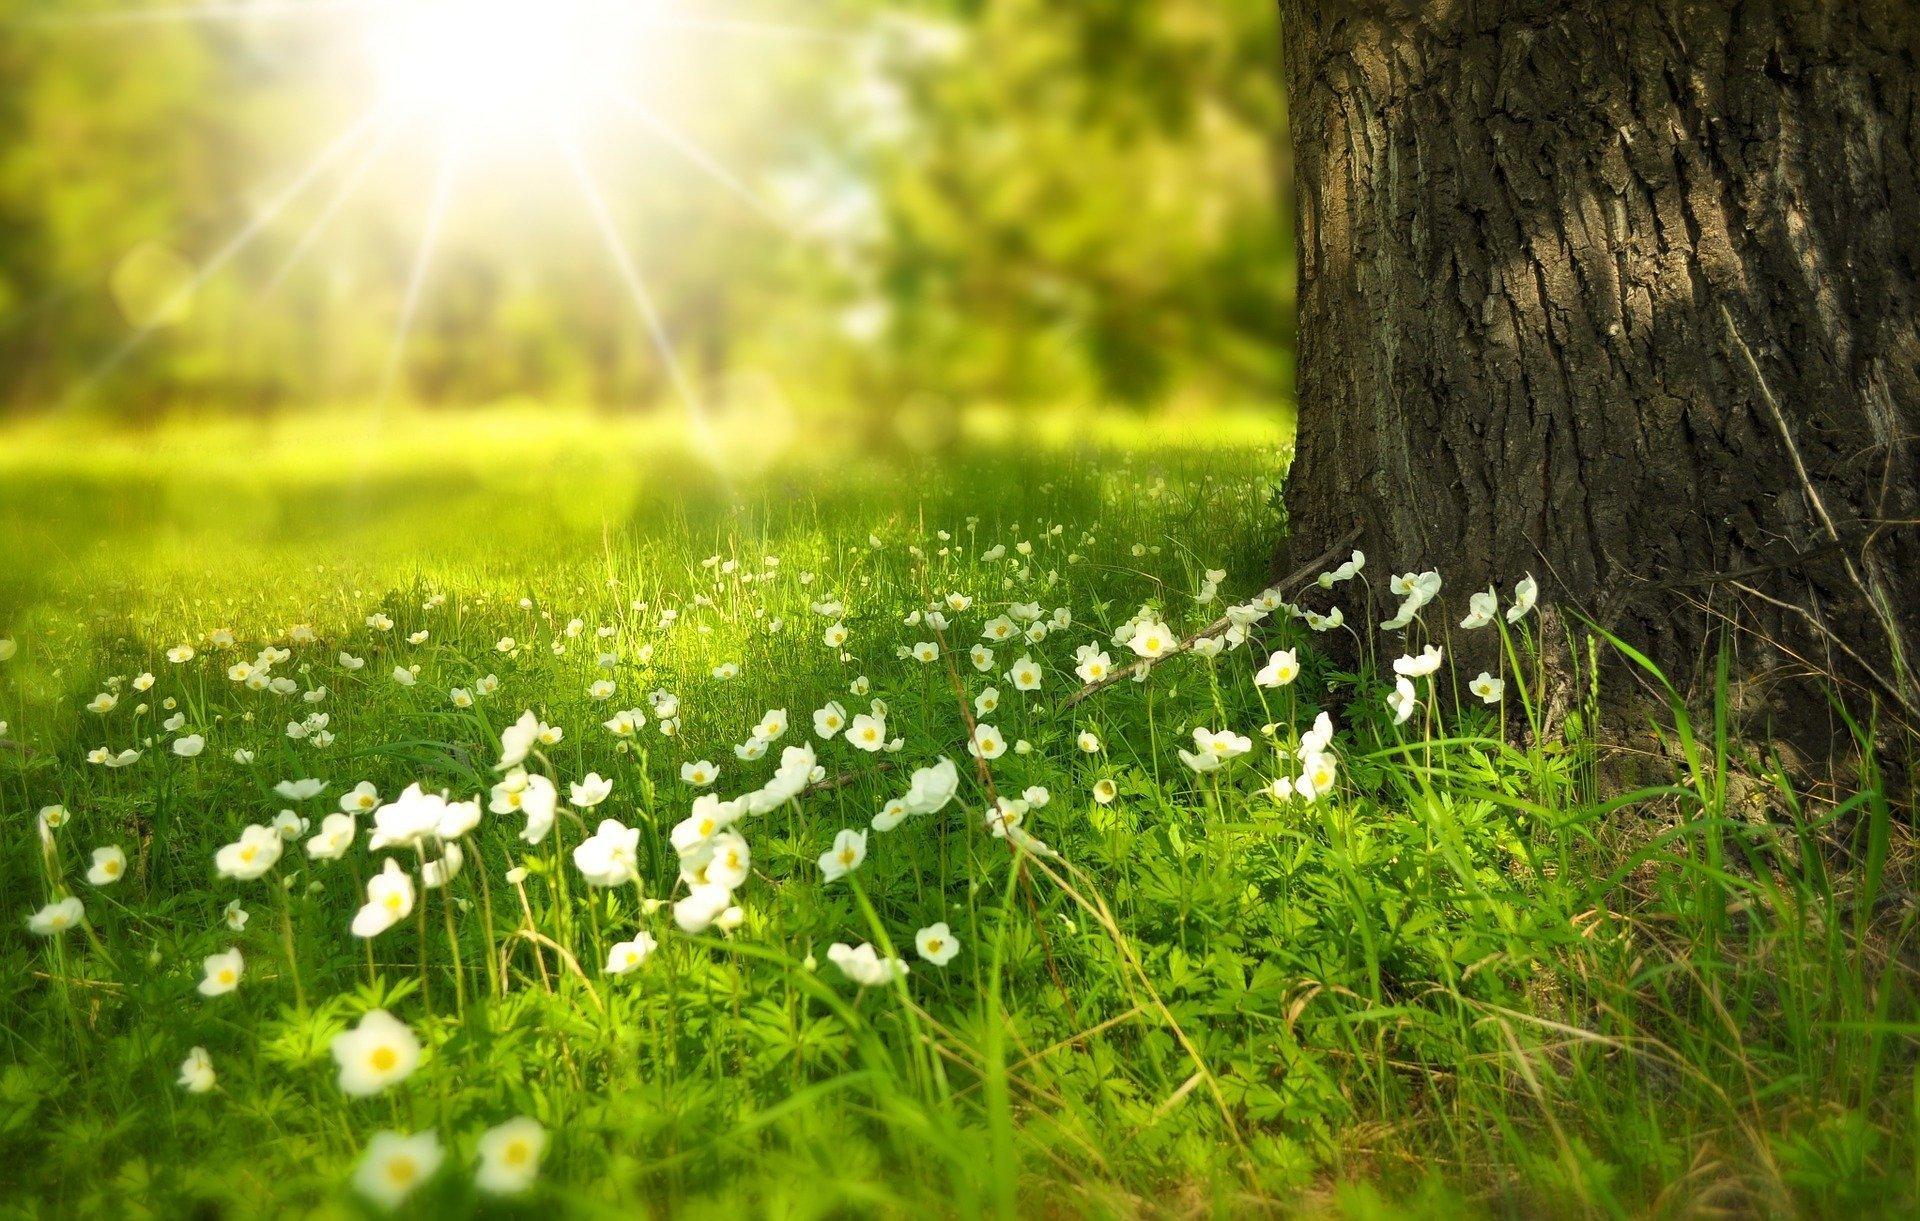 Праздничные дни в июне: сколько будем отдыхать